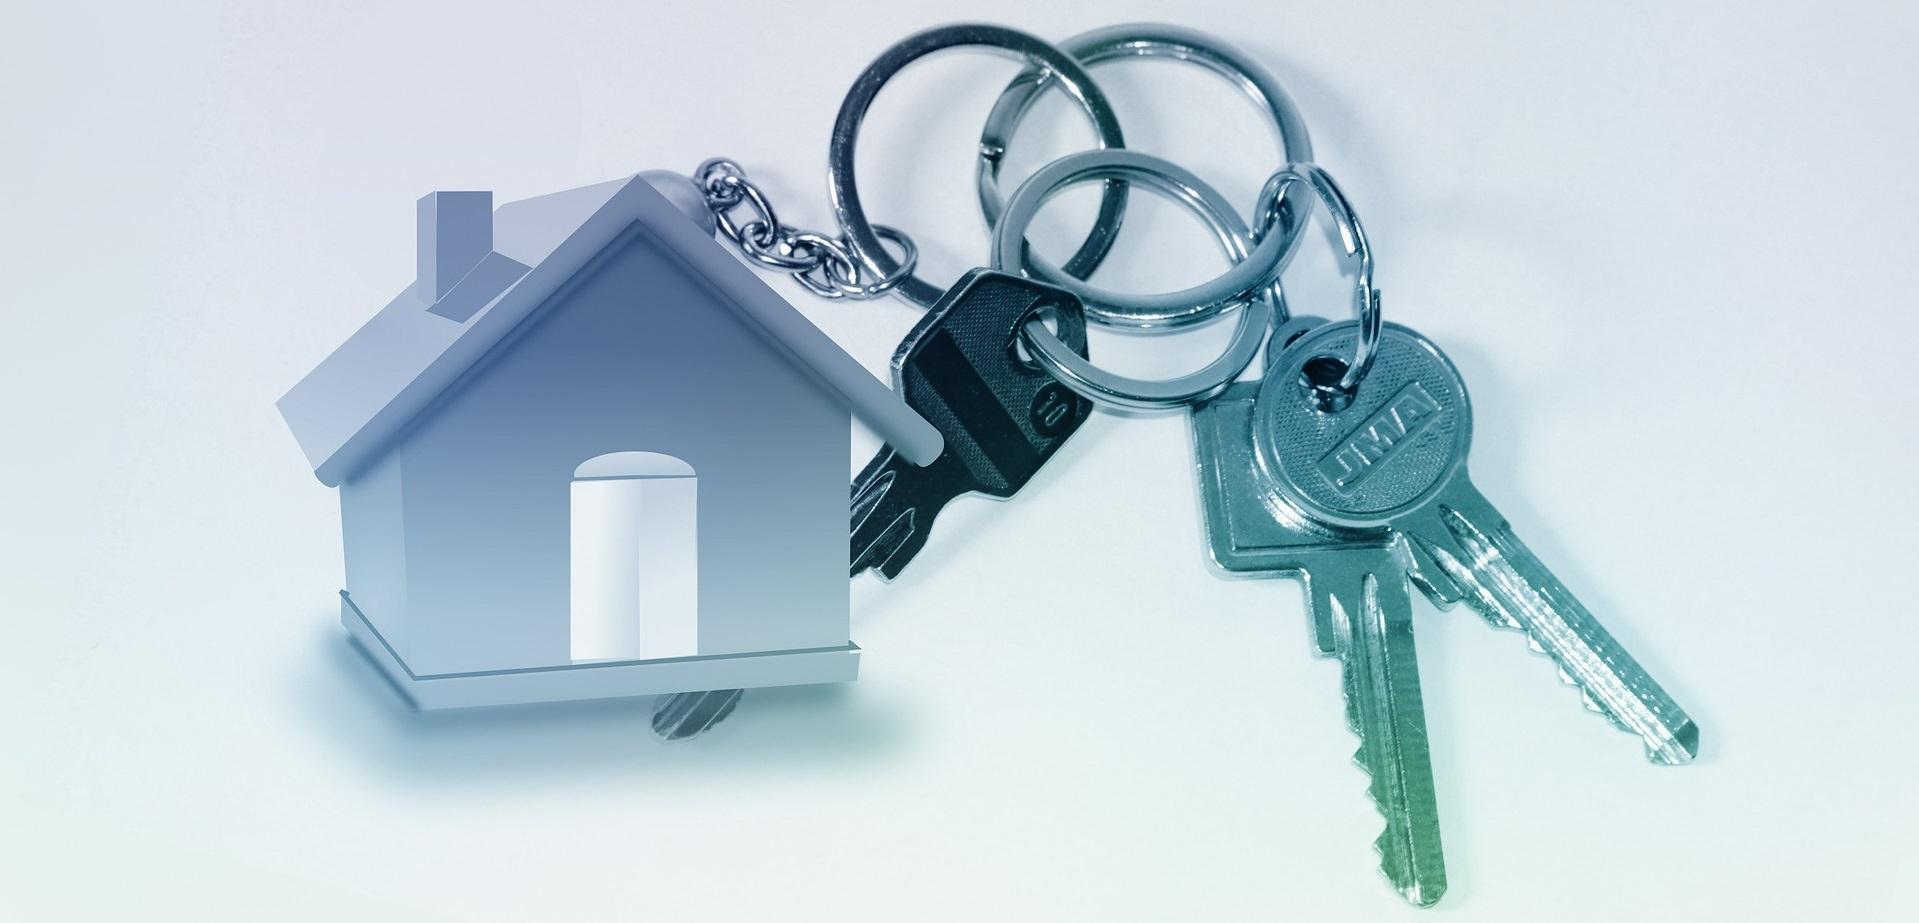 Günstiger Schlüsseldienst Mönchengladbach - Sie haben uns gefunden!